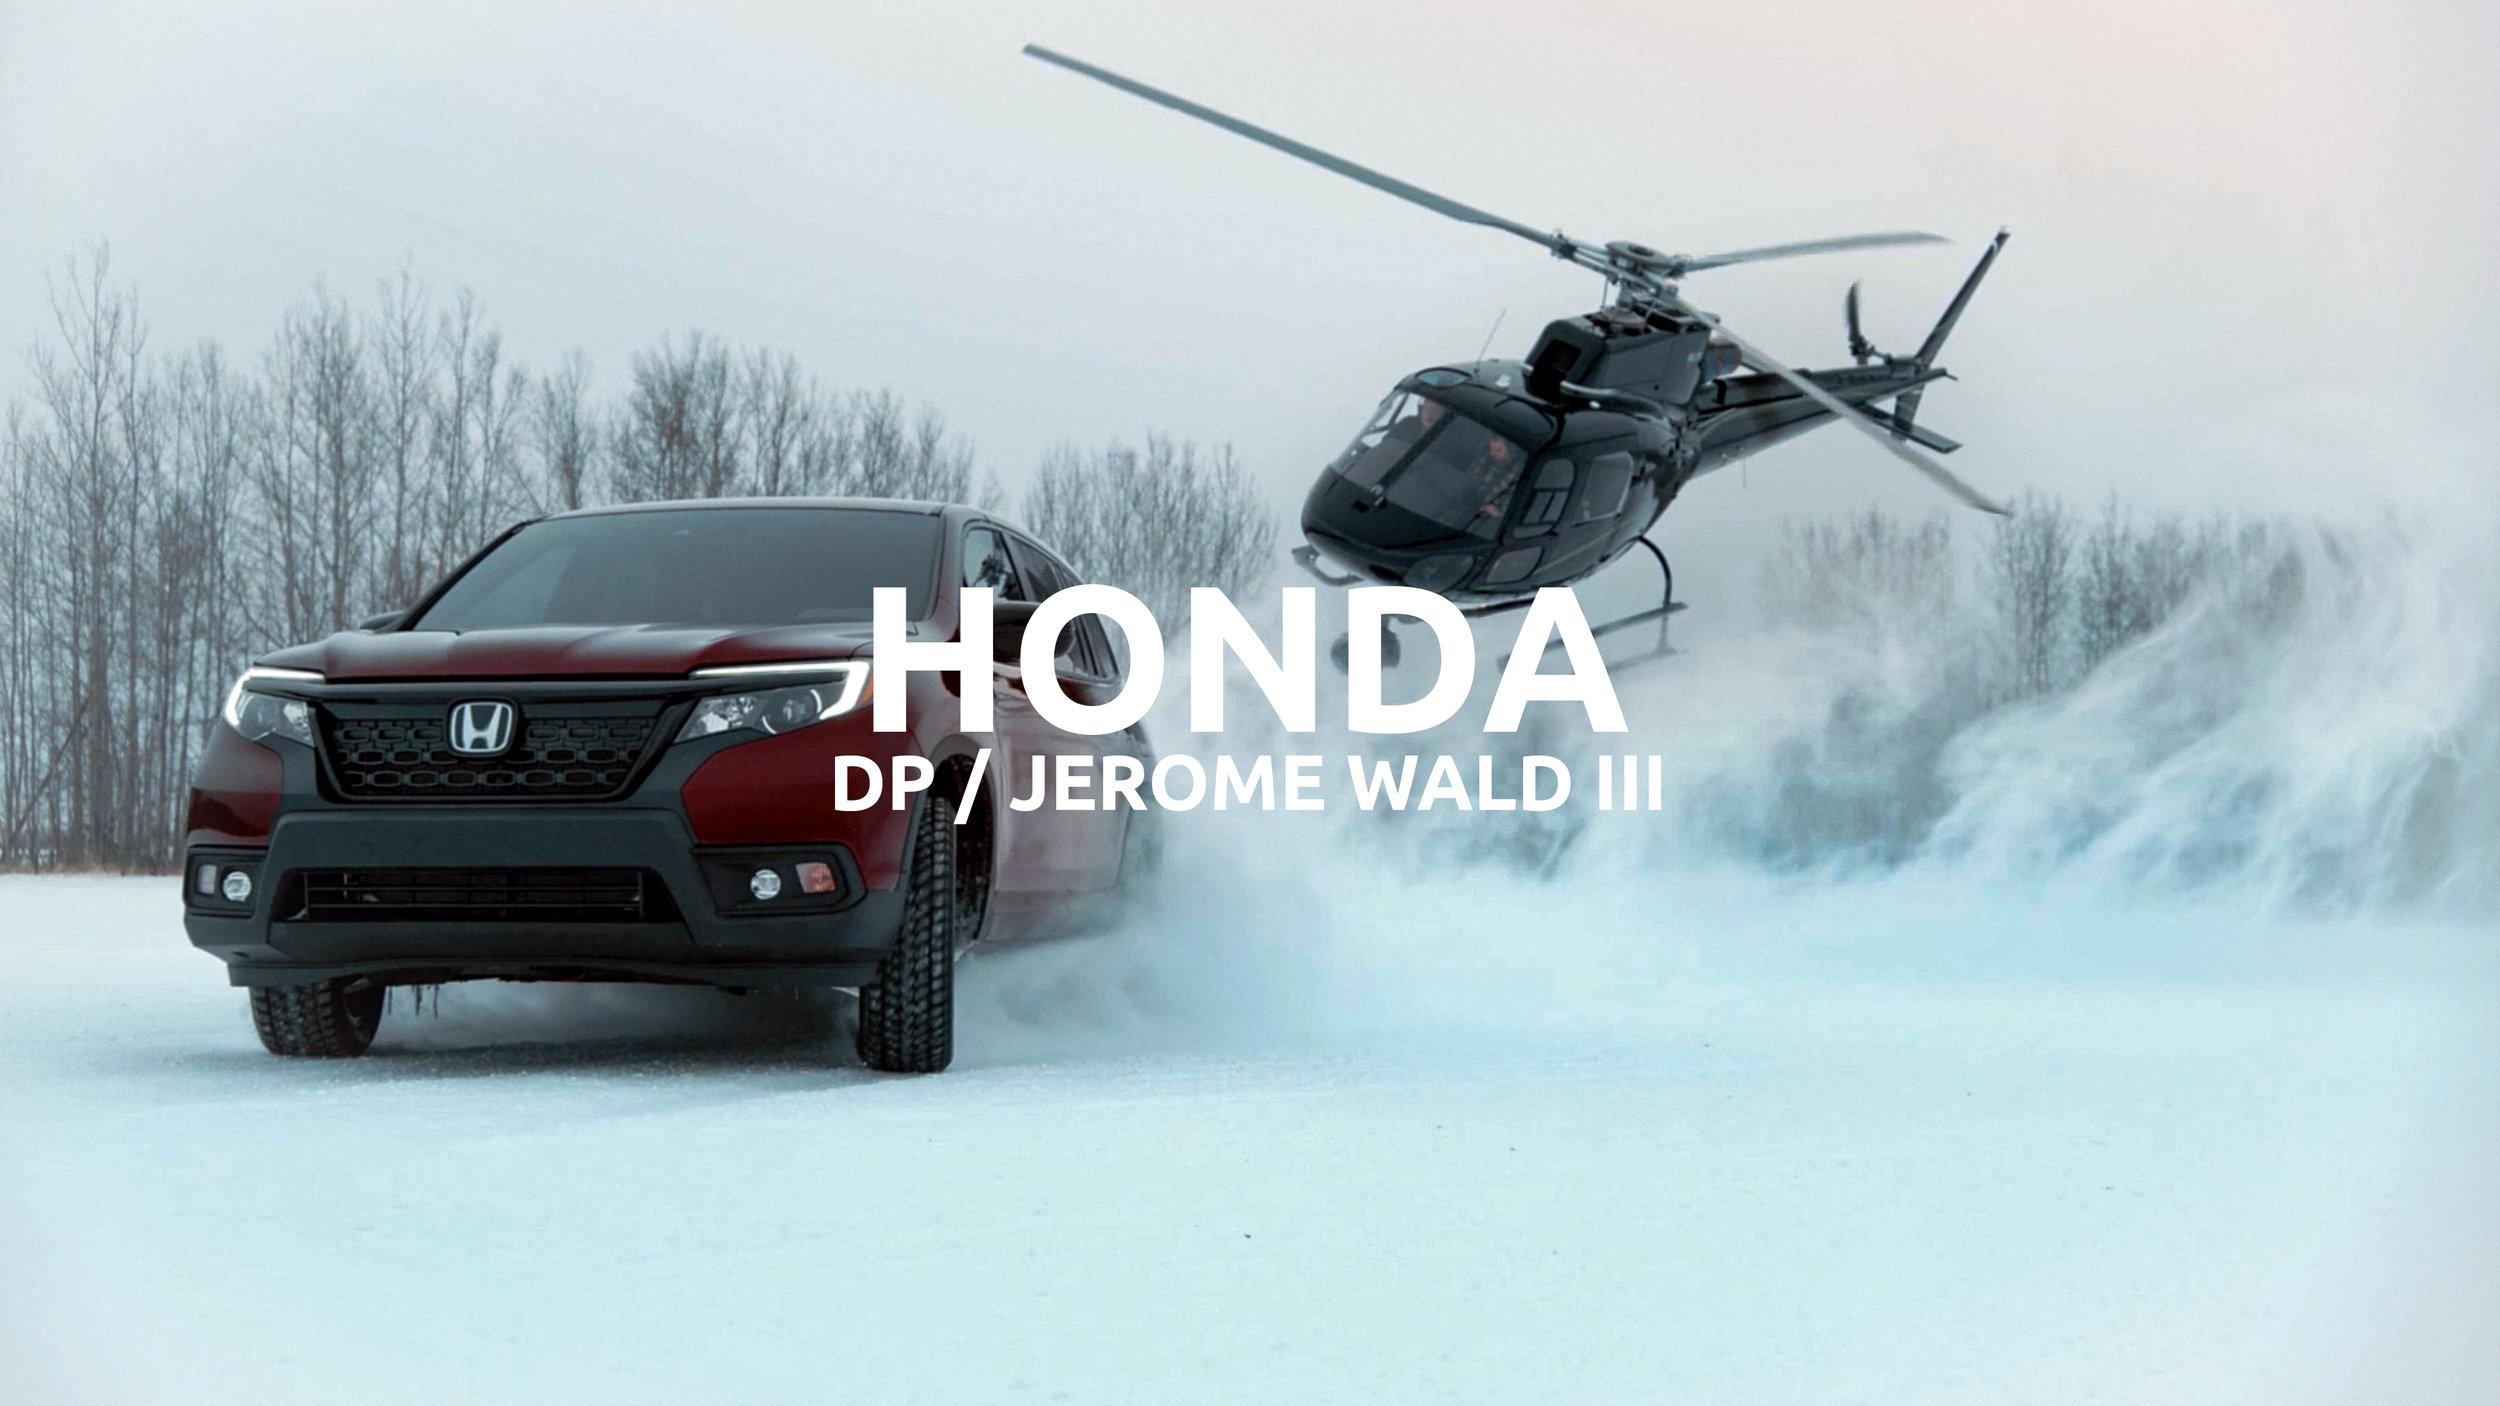 Honda Passport Poster.jpg